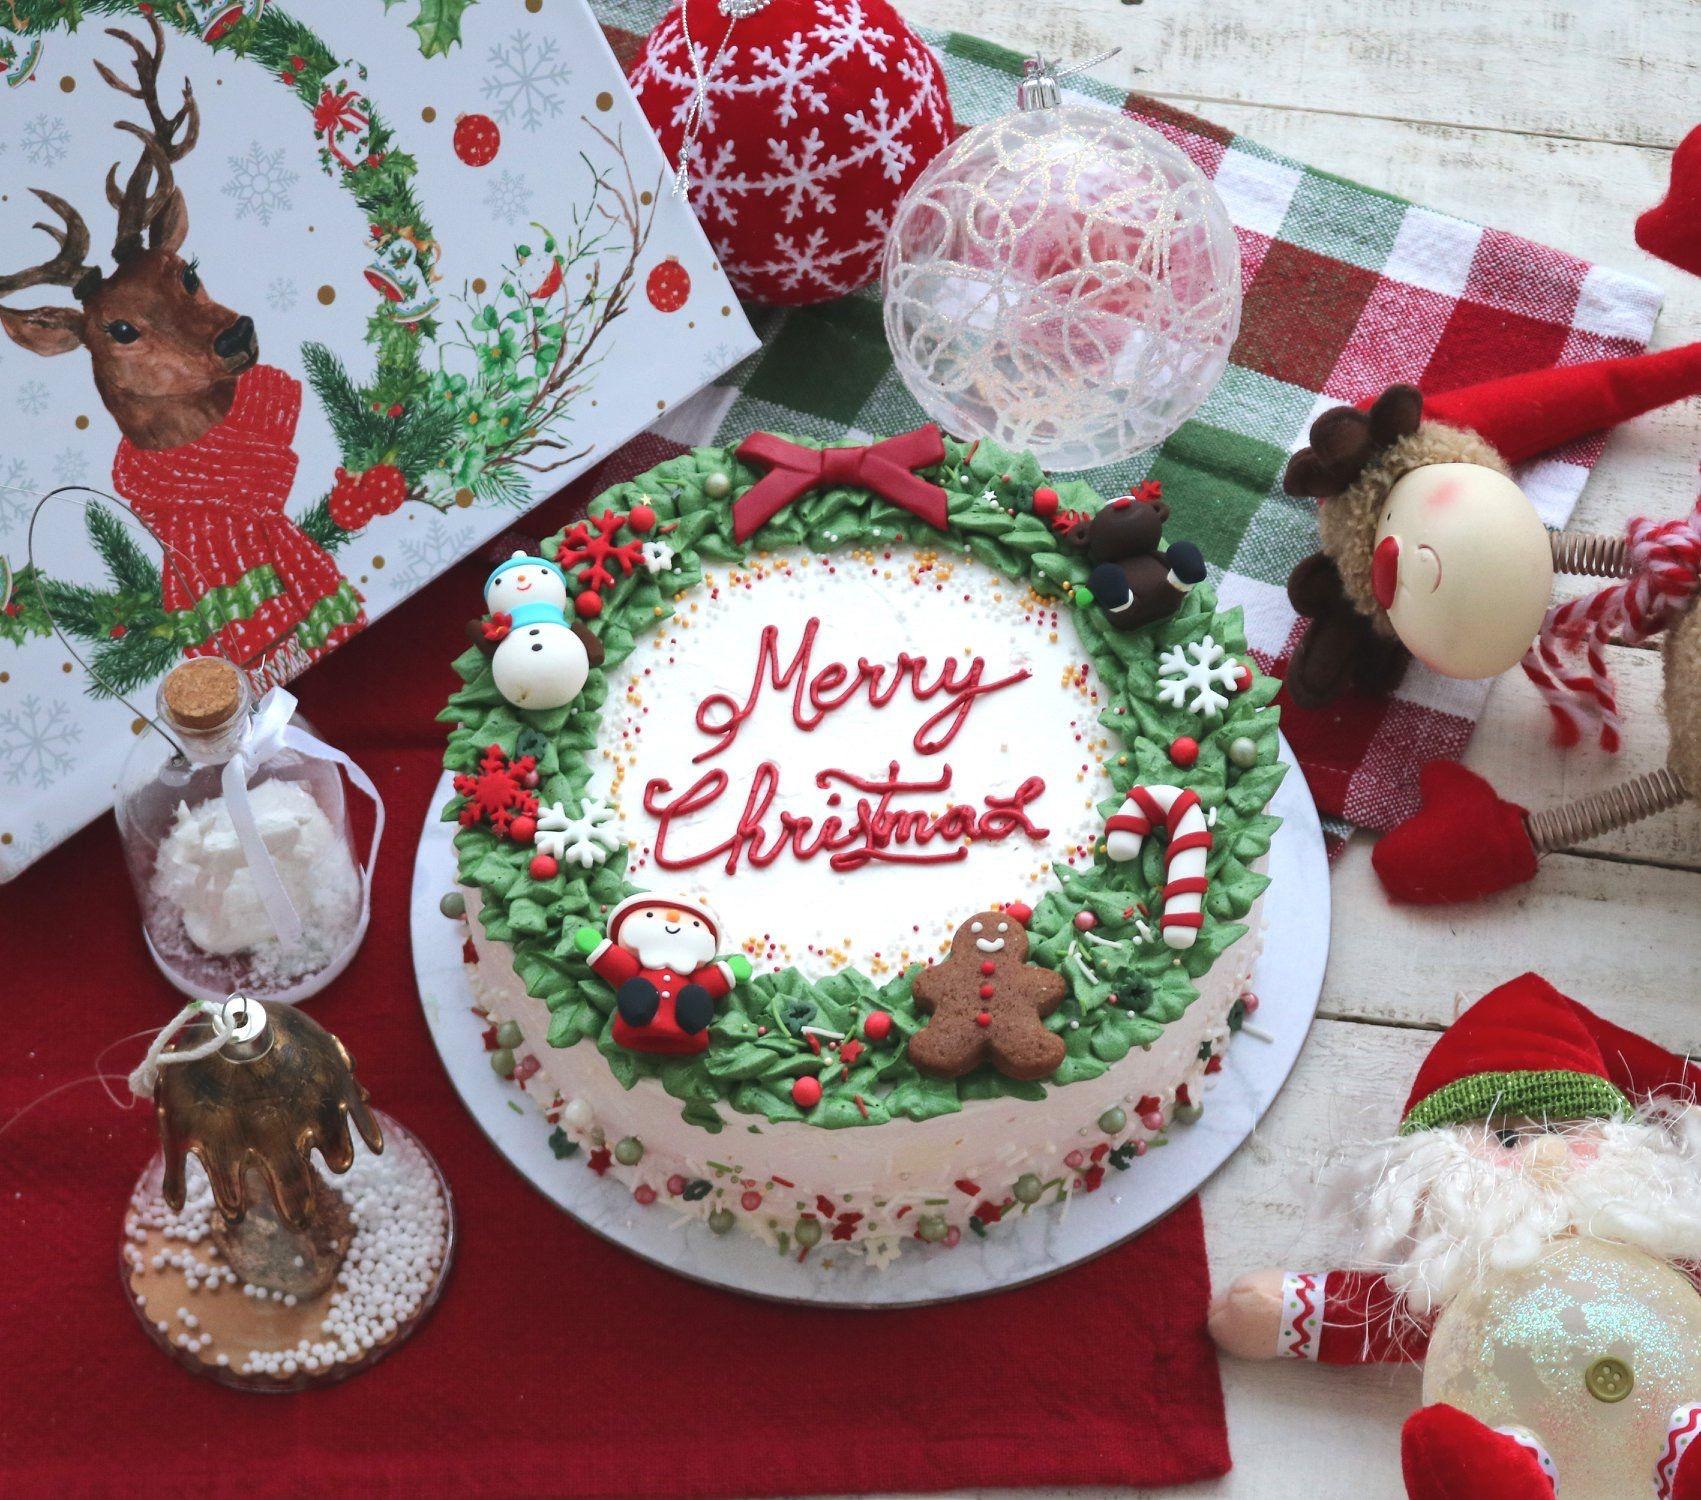 Buttercream Christmas Cakes  Christmas cake Buttercream cake Pinterest